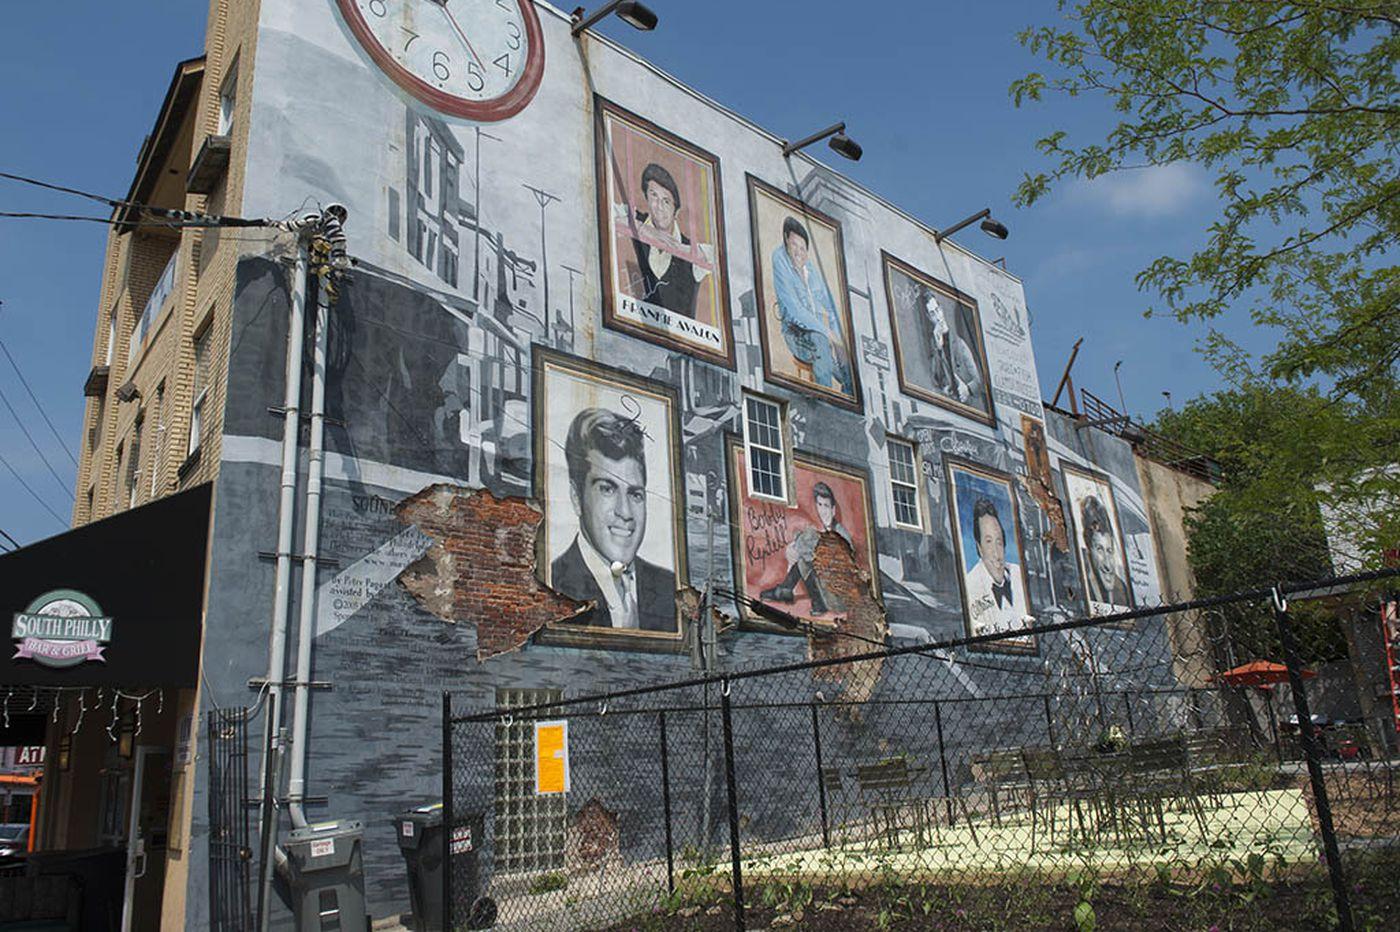 Frankie Avalon kicks in cash to save mural